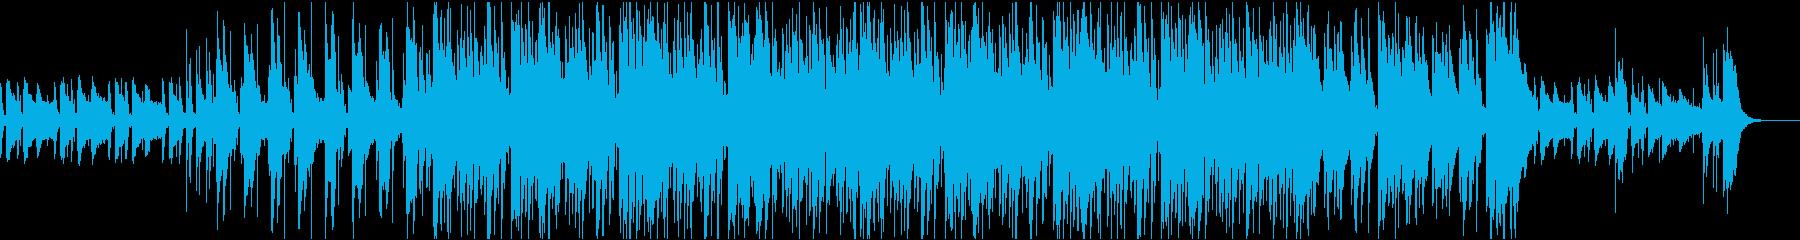 室内BGMっぽいボサノバの再生済みの波形